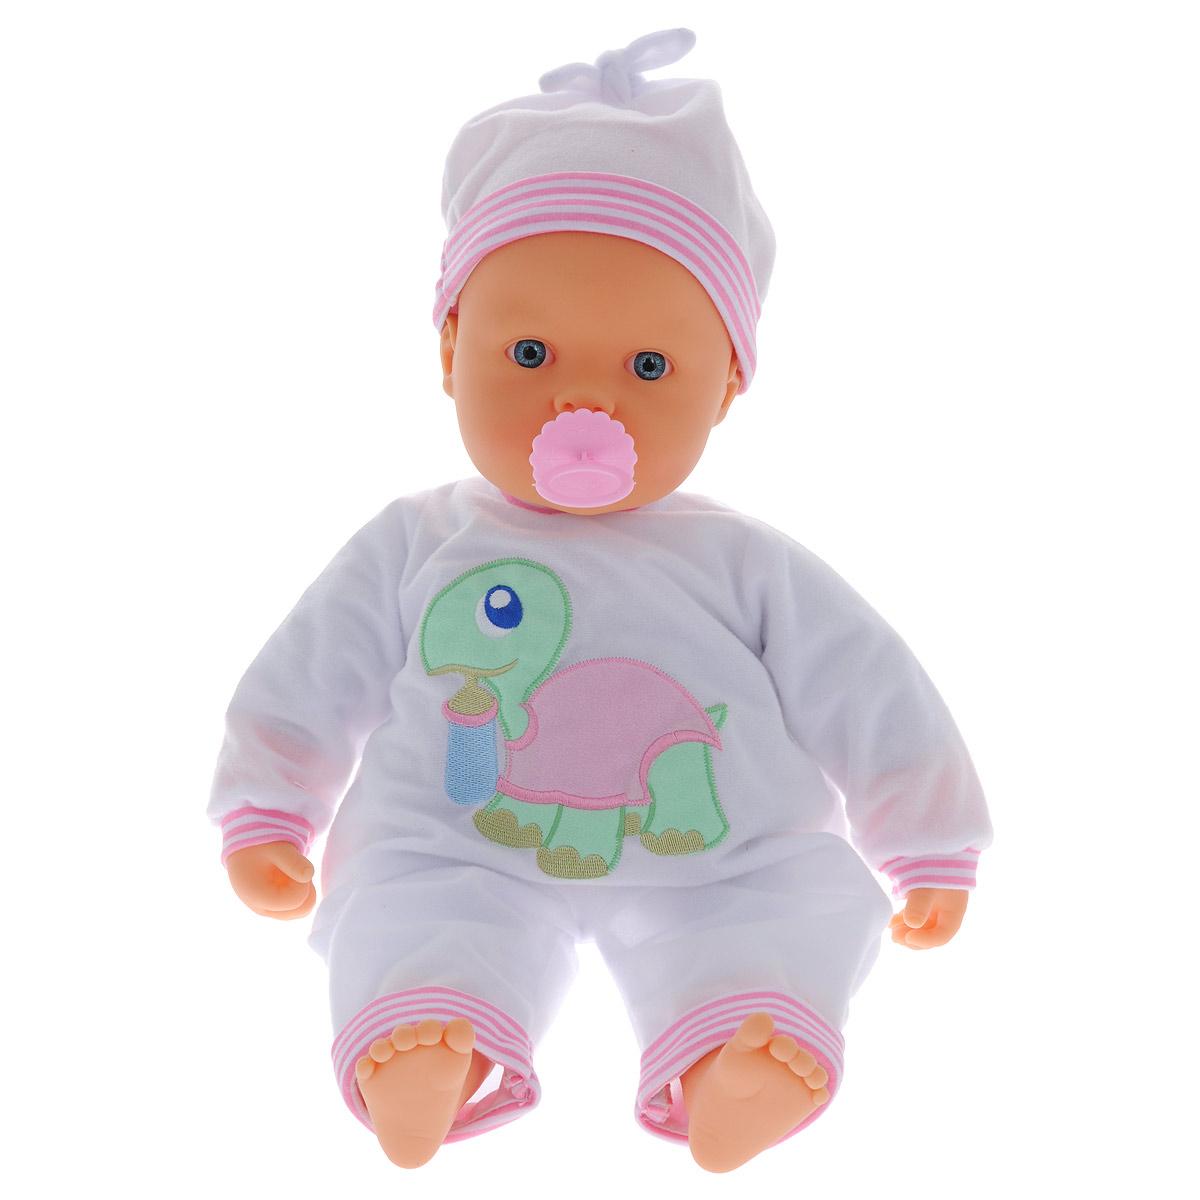 Кукла-пупс Falca, озвученная, 48 см48521Очаровательная кукла-пупс Falca приведет в восторг вашу малышку и доставит ей много удовольствия от часов, посвященных игре с ней. Кукла выглядит как настоящий малыш. Она одета в очаровательный комбинезон с черепашкой и чепчик. У пупса мягконабивное тельце, а подвижные голова, ножки и ручки выполнены из высококачественного полимера. В комплект входит пустышка. Кукла сосет соску, плачет, бормочет, и засыпает, если ее покачать. Игрушка имеет более 25 музыкальных мелодий. Игра с куклой разовьет в вашей малышке чувство ответственности и заботы. Порадуйте свою принцессу таким великолепным подарком! Необходимо докупить 2 батарейки напряжением 1,5V типа AA (не входят в комплект).